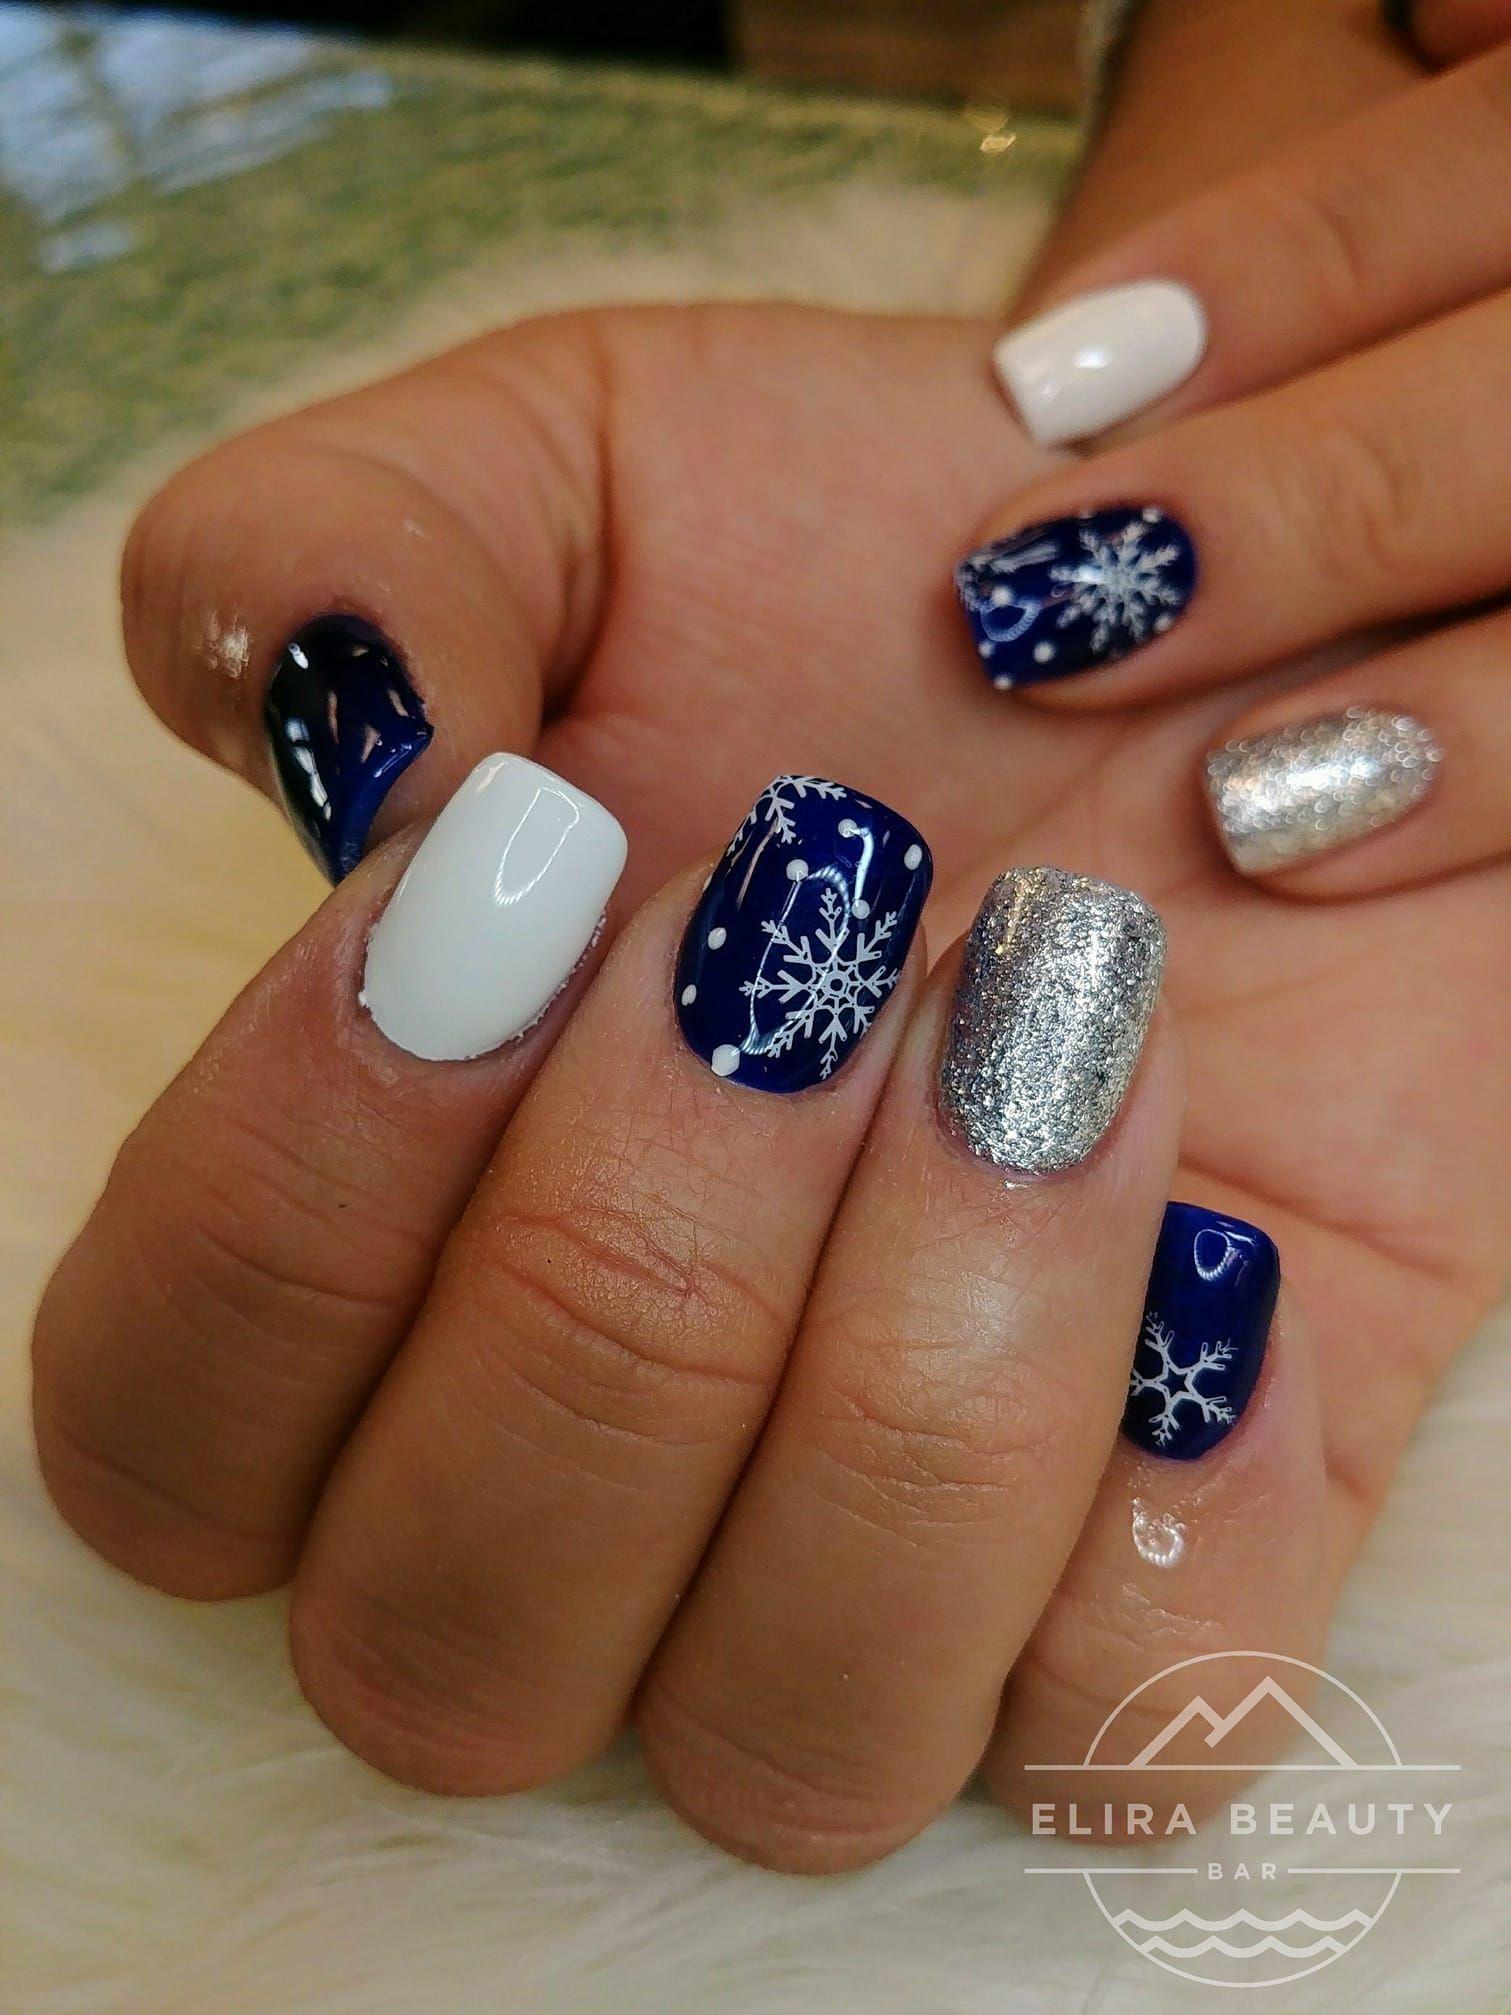 Winter Nails Snowflake Nails Cute Spring Nails Christmas Nails Acrylic